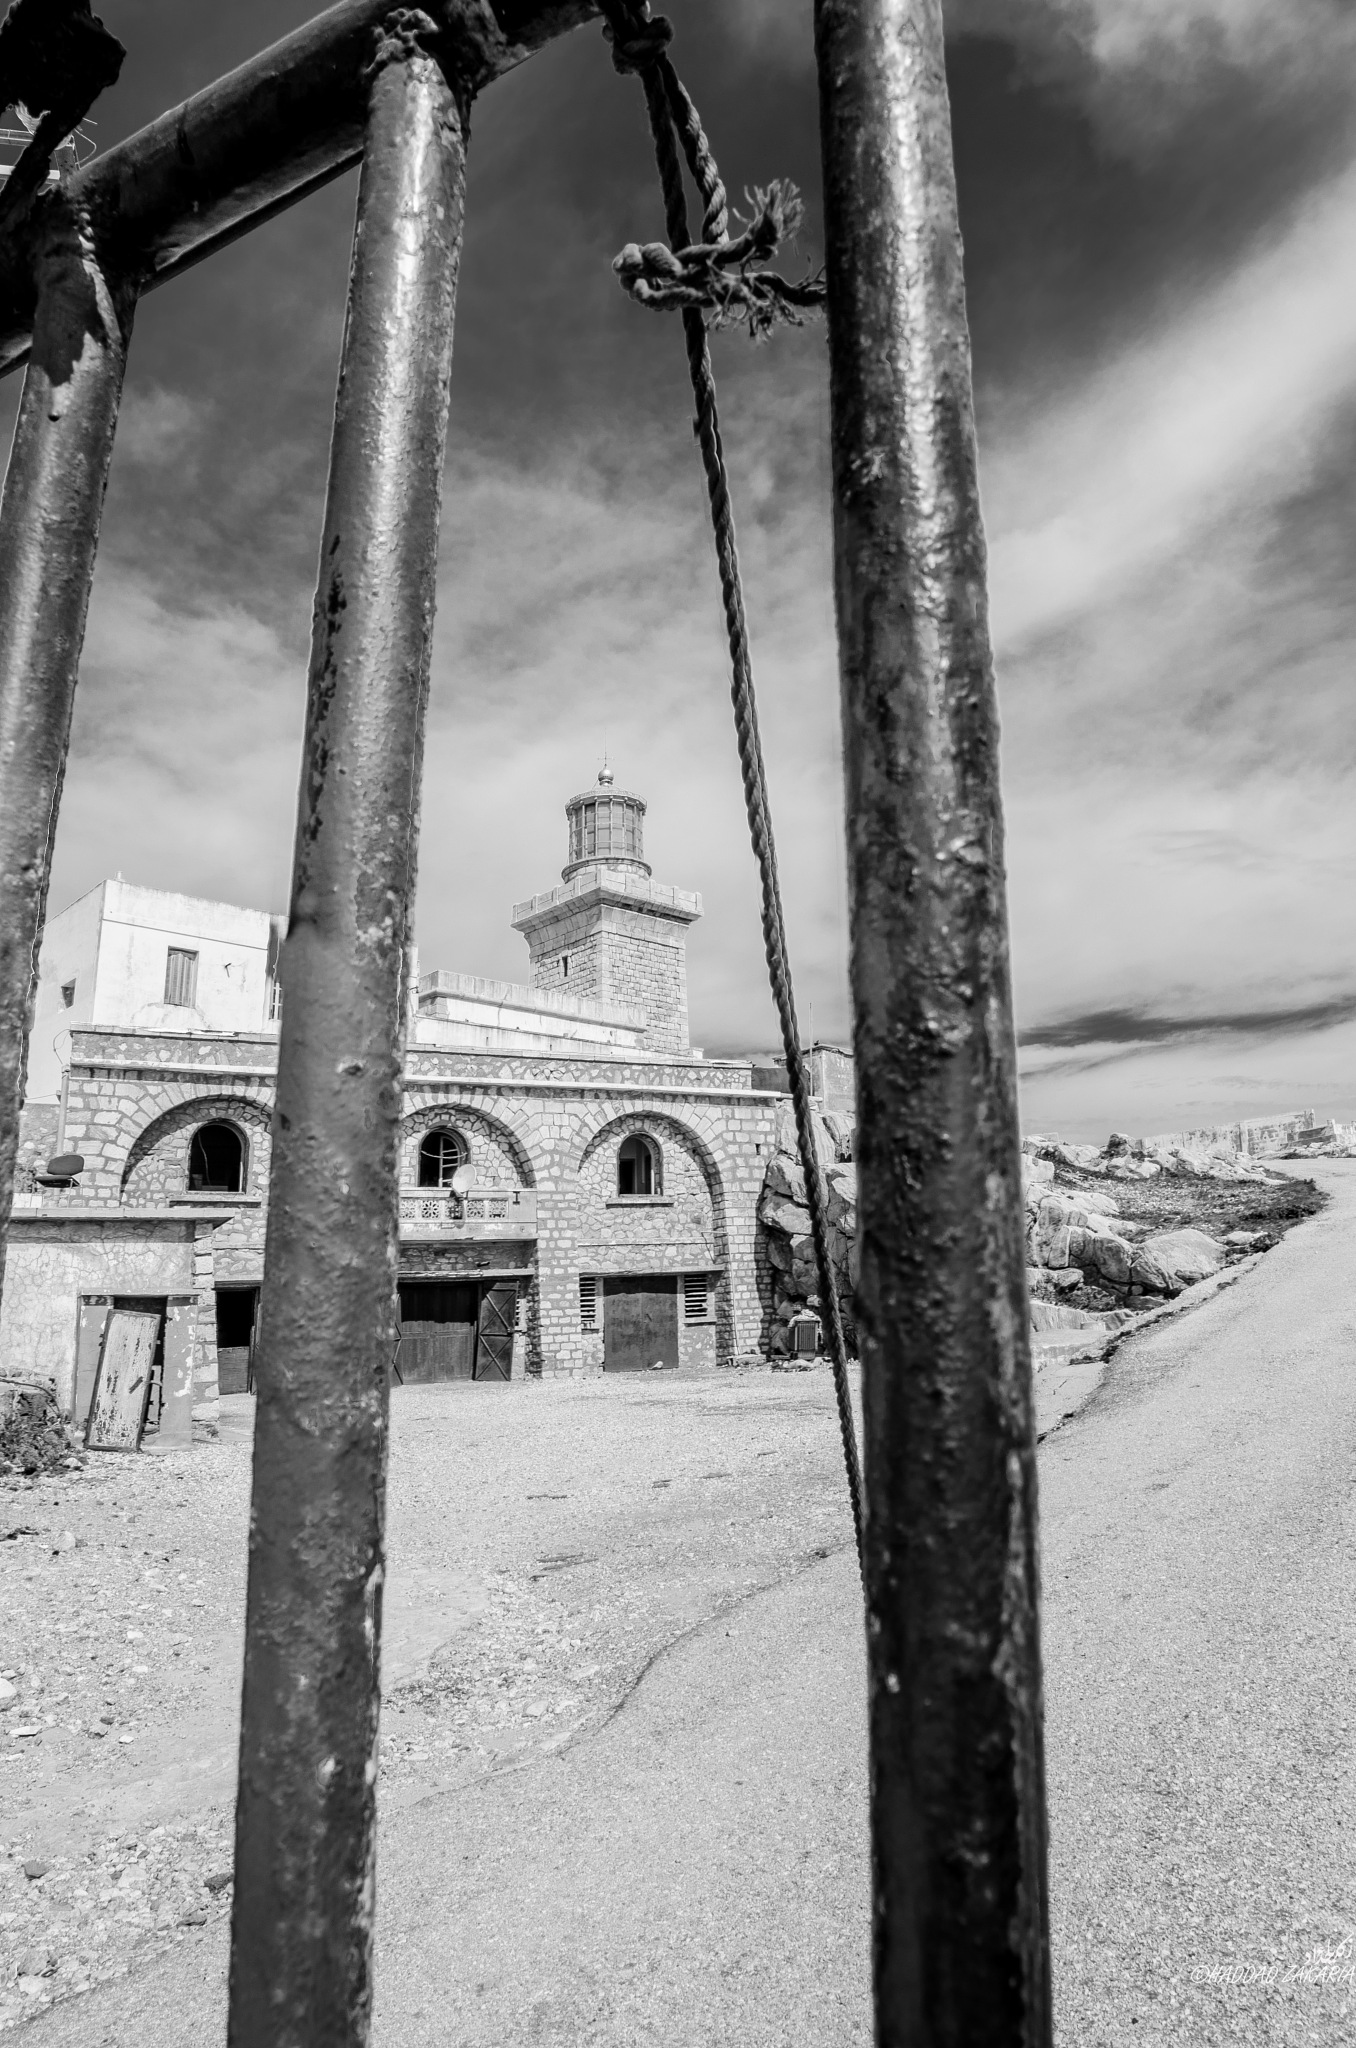 Light House by Zakaria Haddad